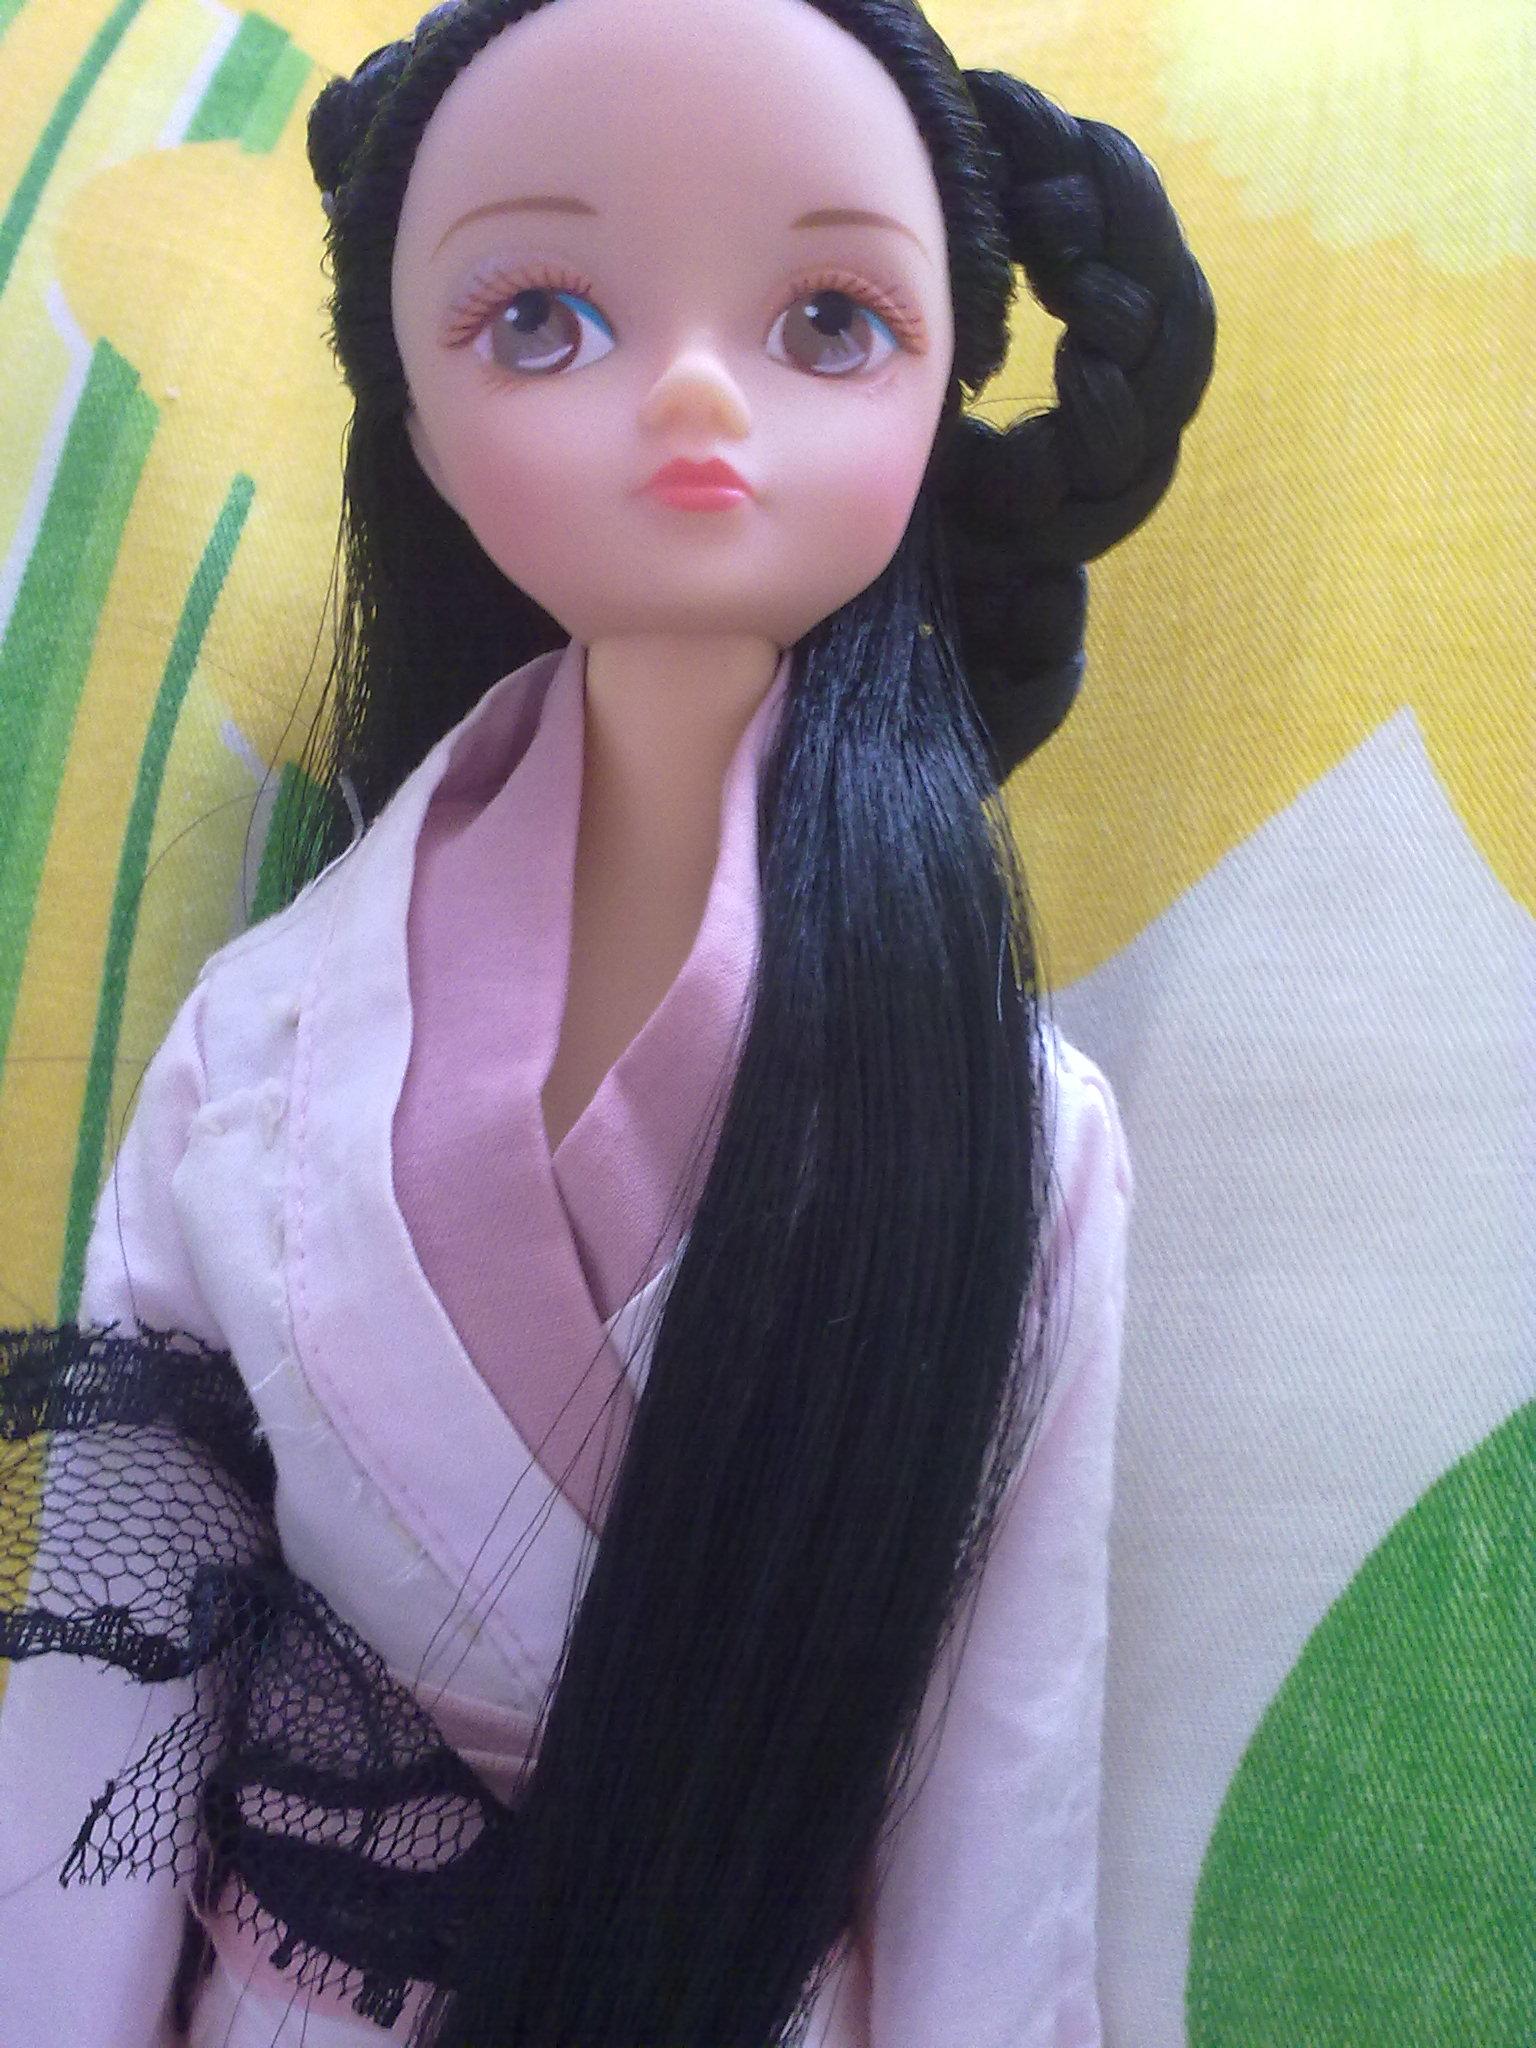 发型设计 可儿娃娃简单发型 > 漂亮飘逸发型的裸娃  漂亮飘逸发型的裸图片